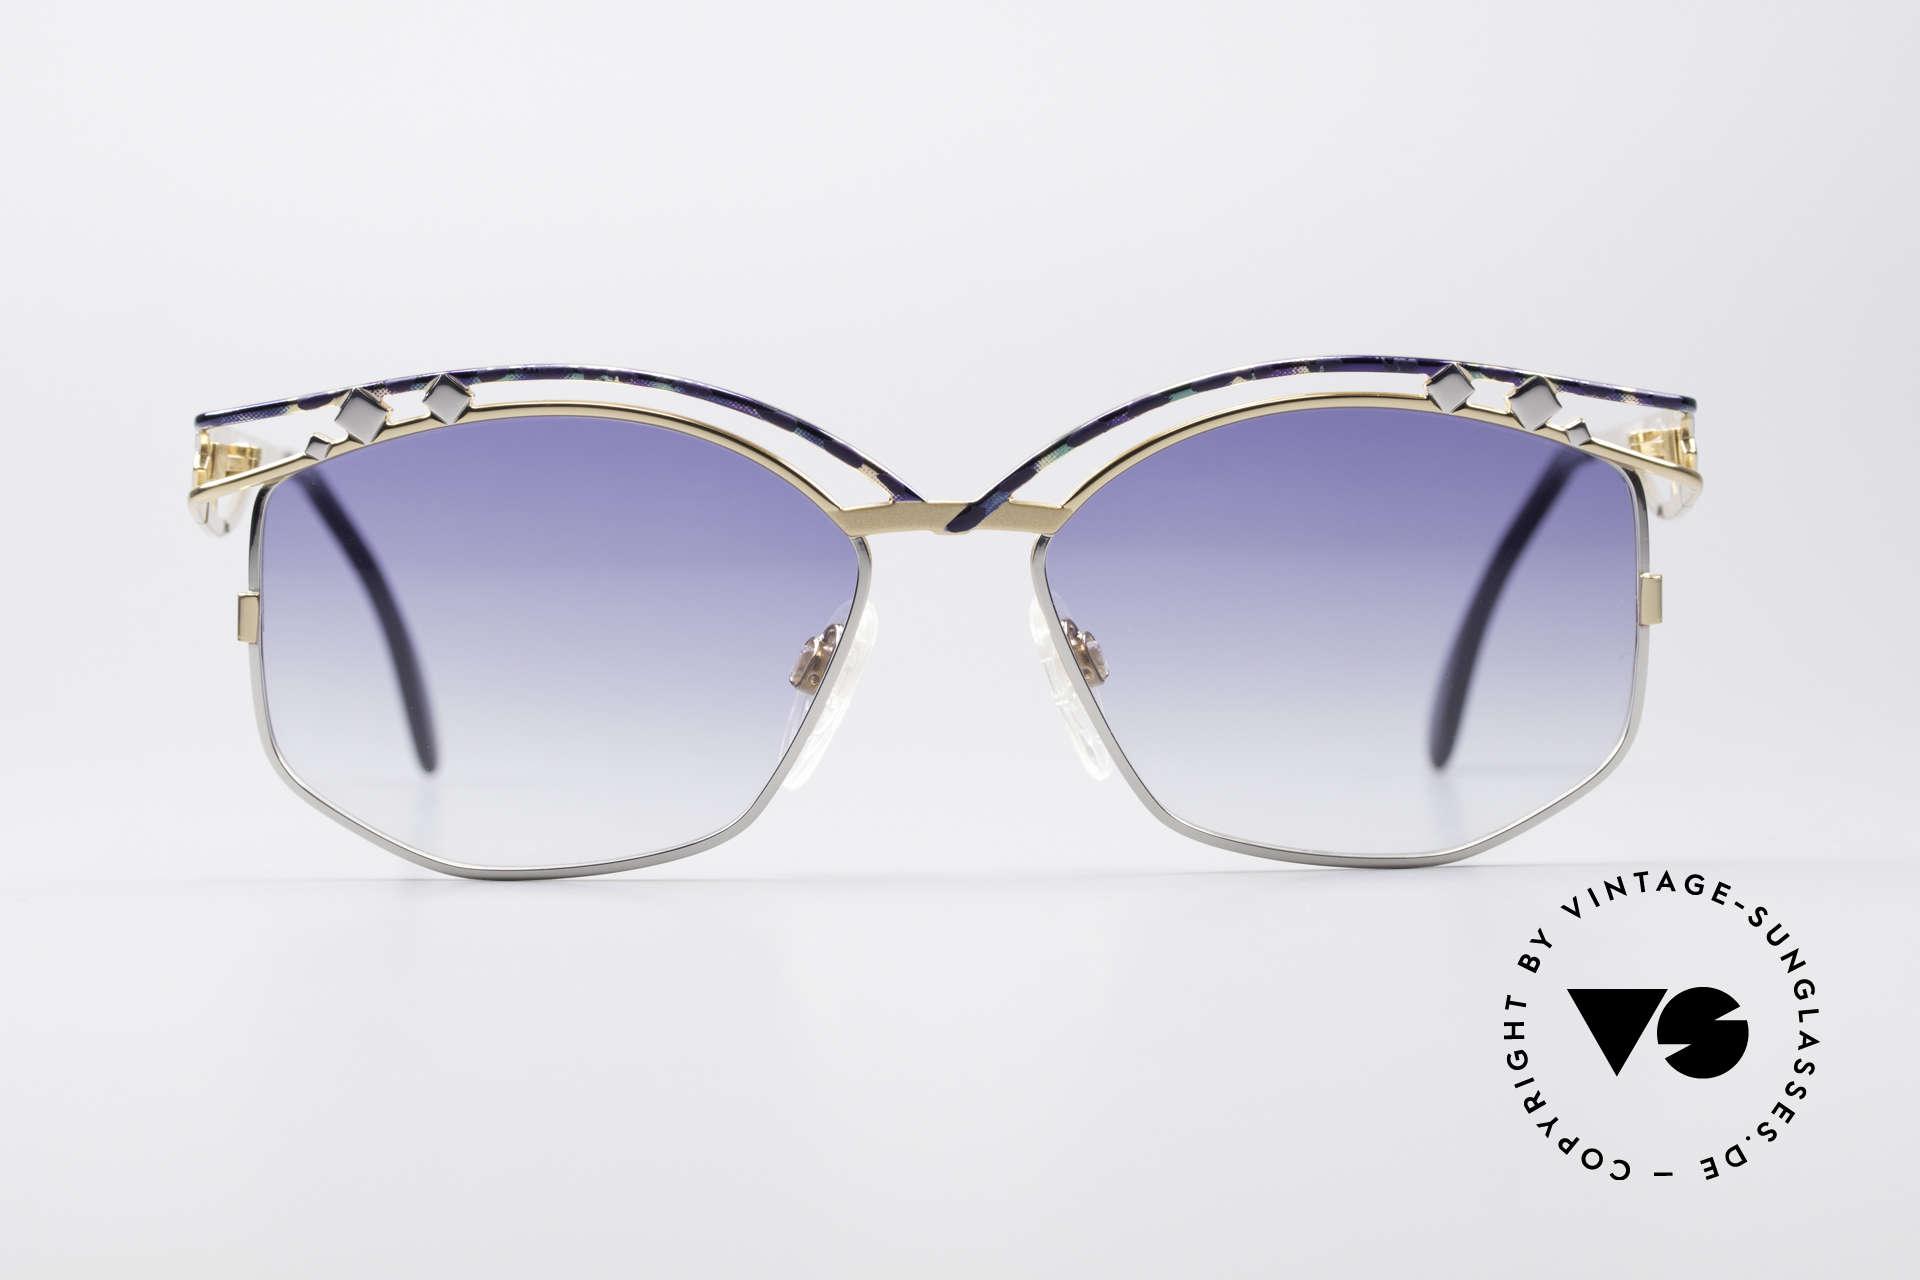 Cazal 280 Vintage Damen Sonnenbrille, unverwechelbare CAri ZALloni (CAZAL) Creation, Passend für Damen